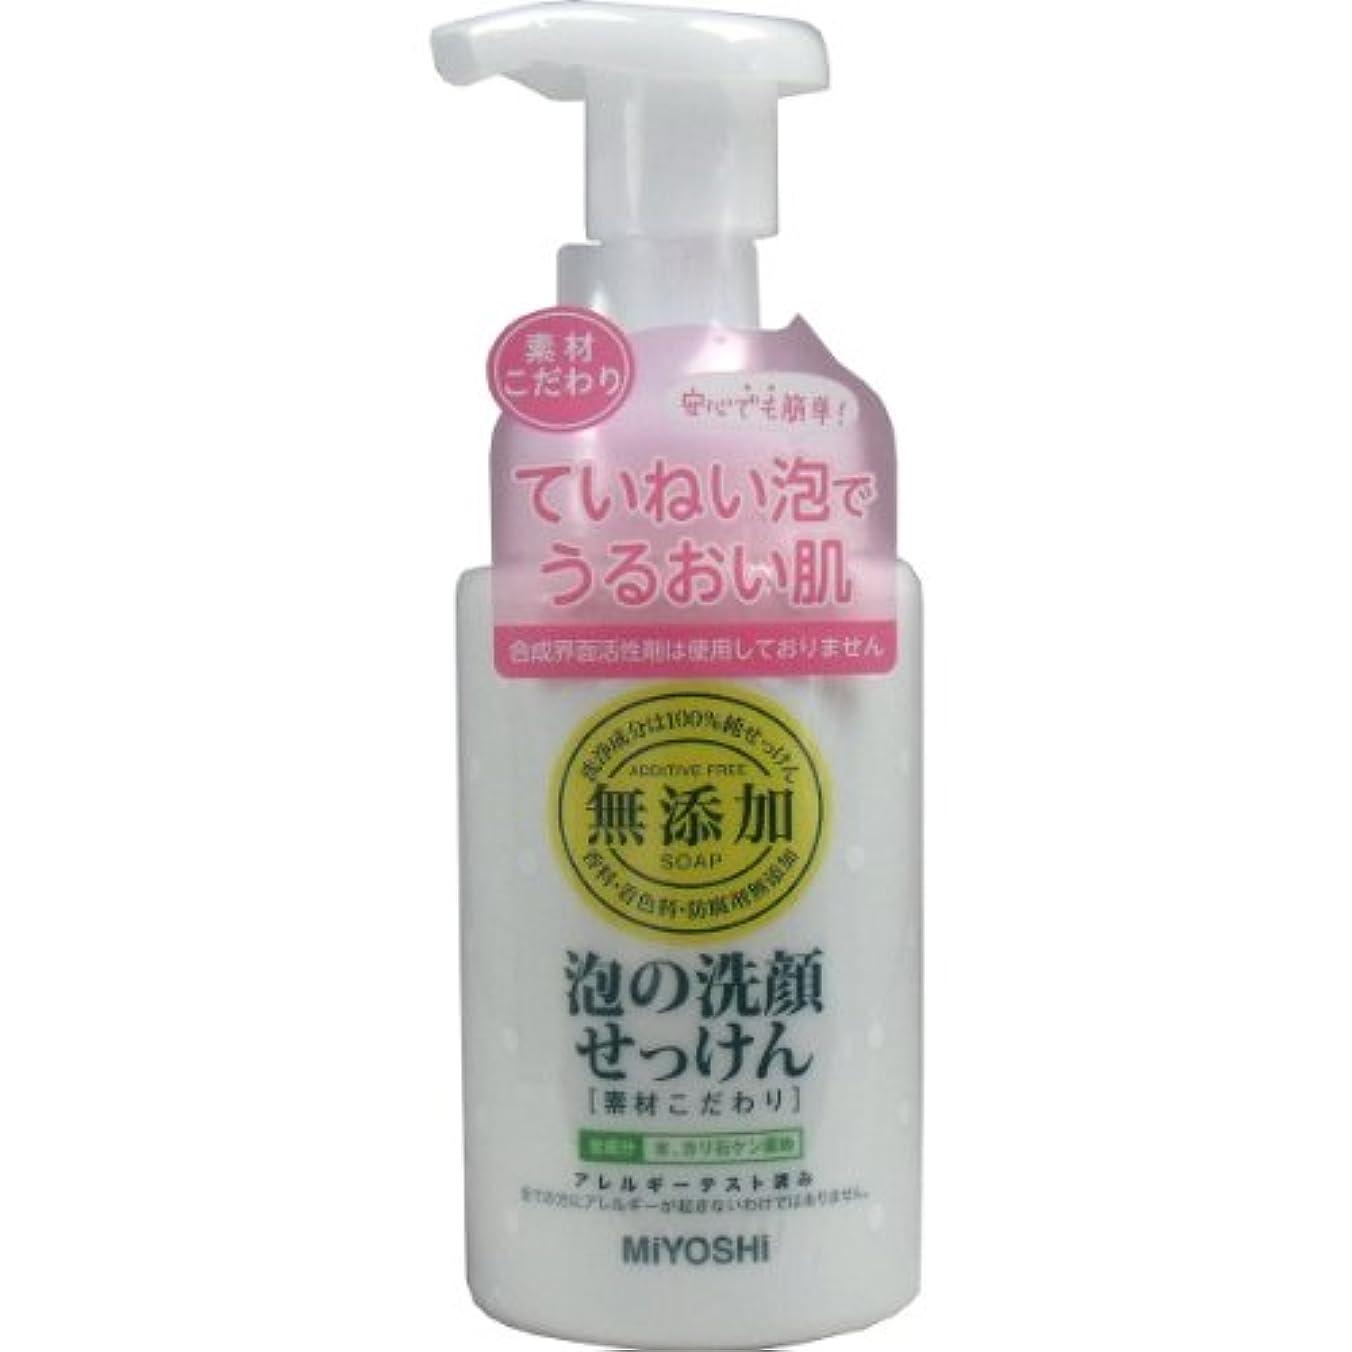 弱まる要旨散る無添加 泡の洗顔せっけん 素材こだわり 200mL2個セット